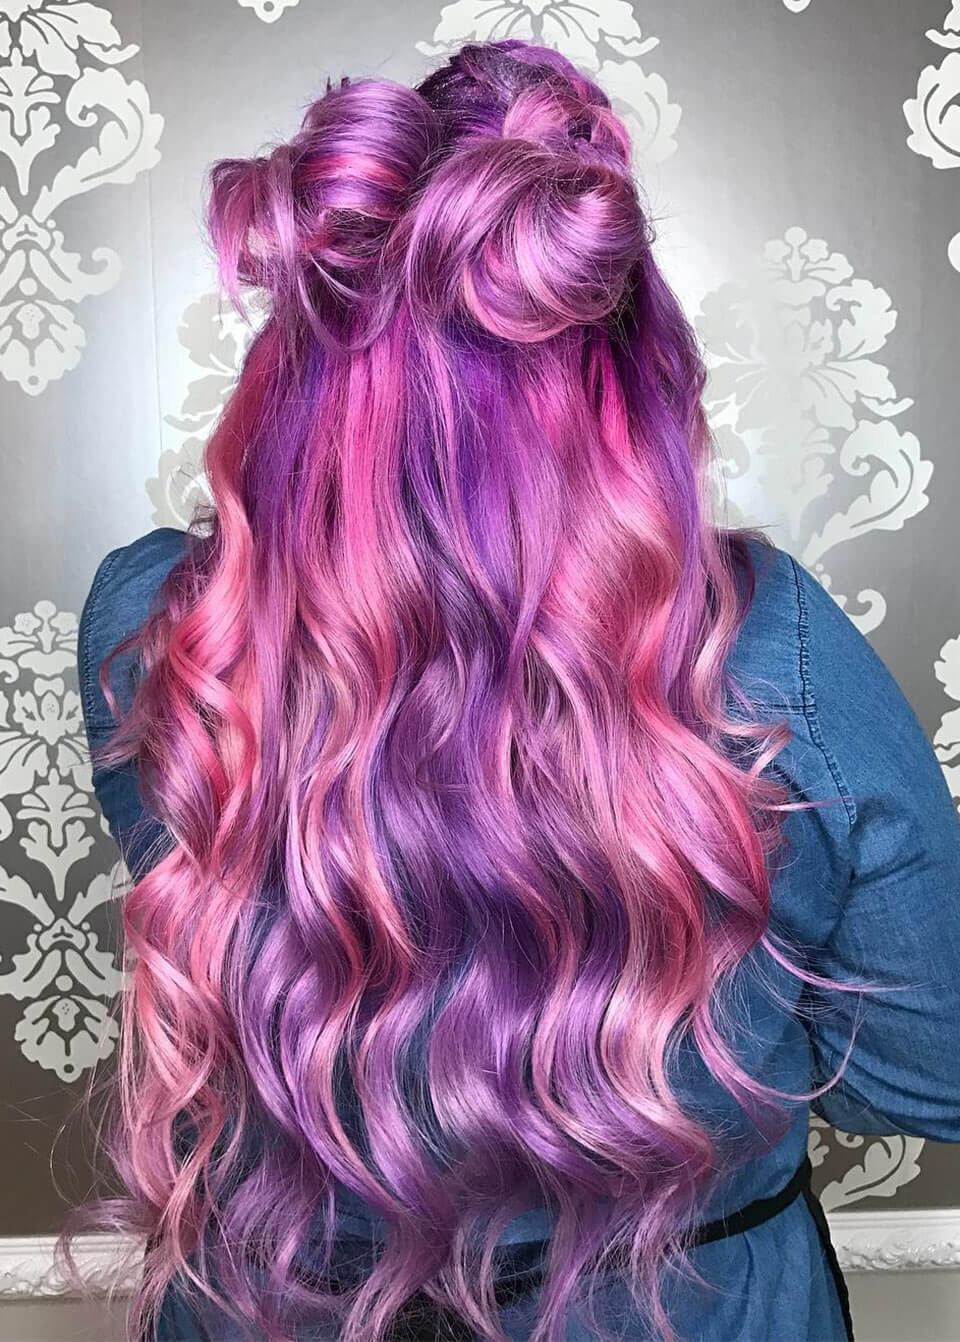 Cabelos coloridos: Rosa e roxo